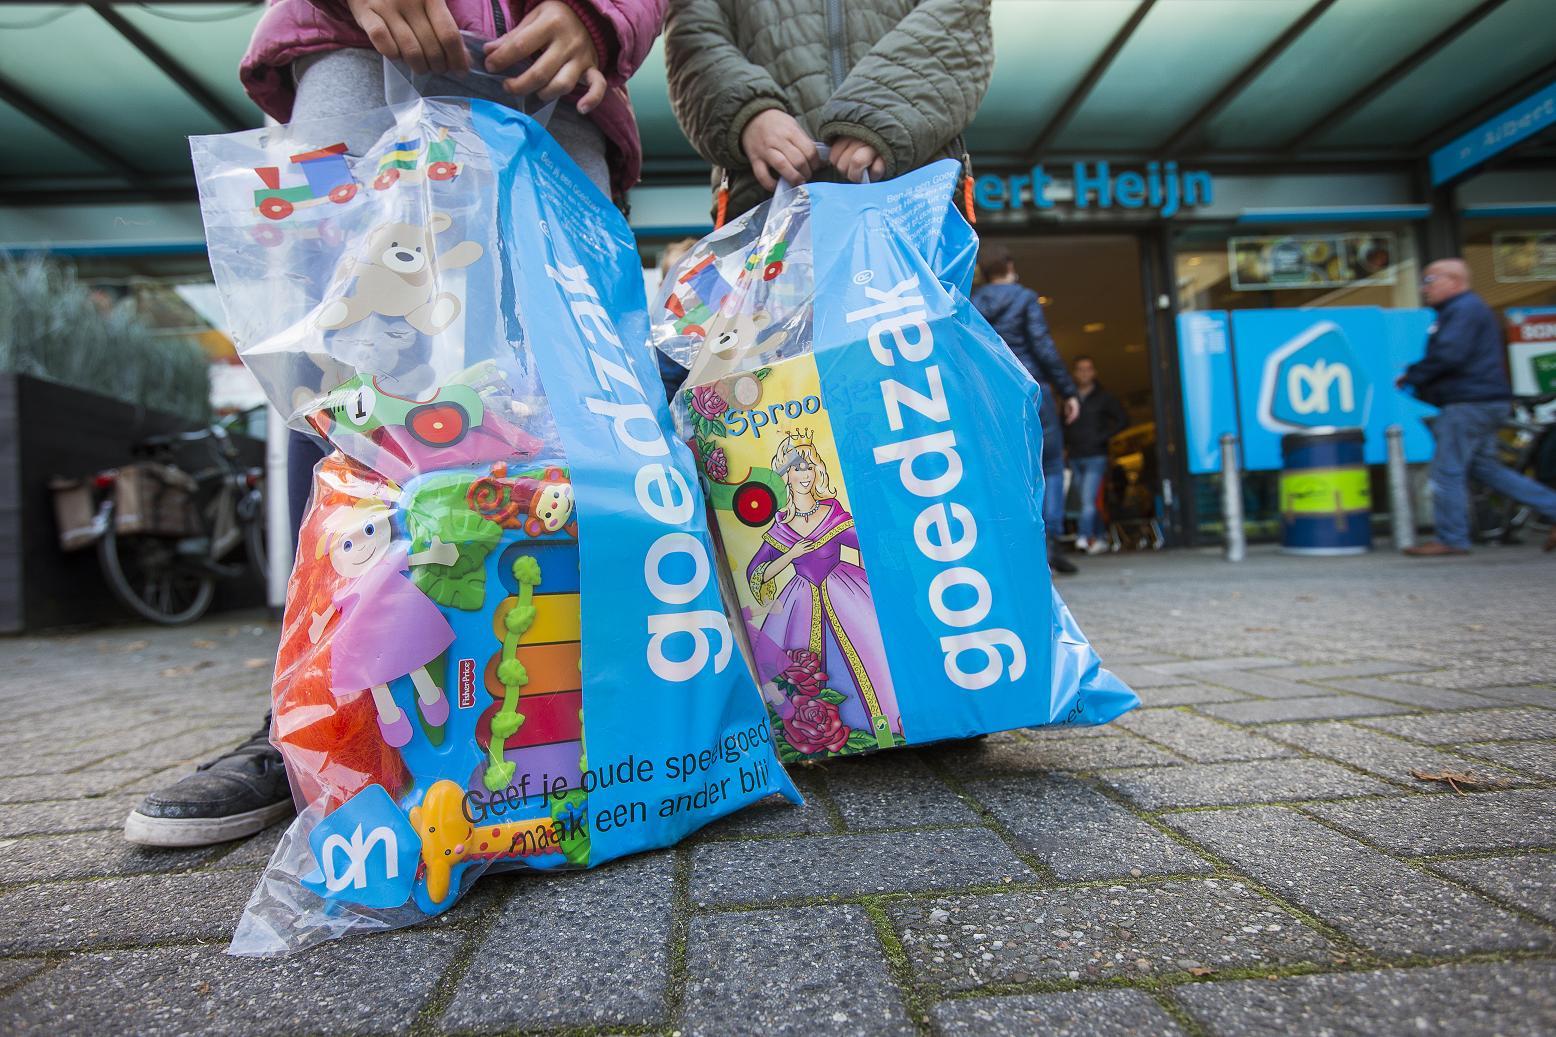 Albert Heijn en Goedzak® organiseren speelgoedinzamelingsactie voor lokale goede doelen